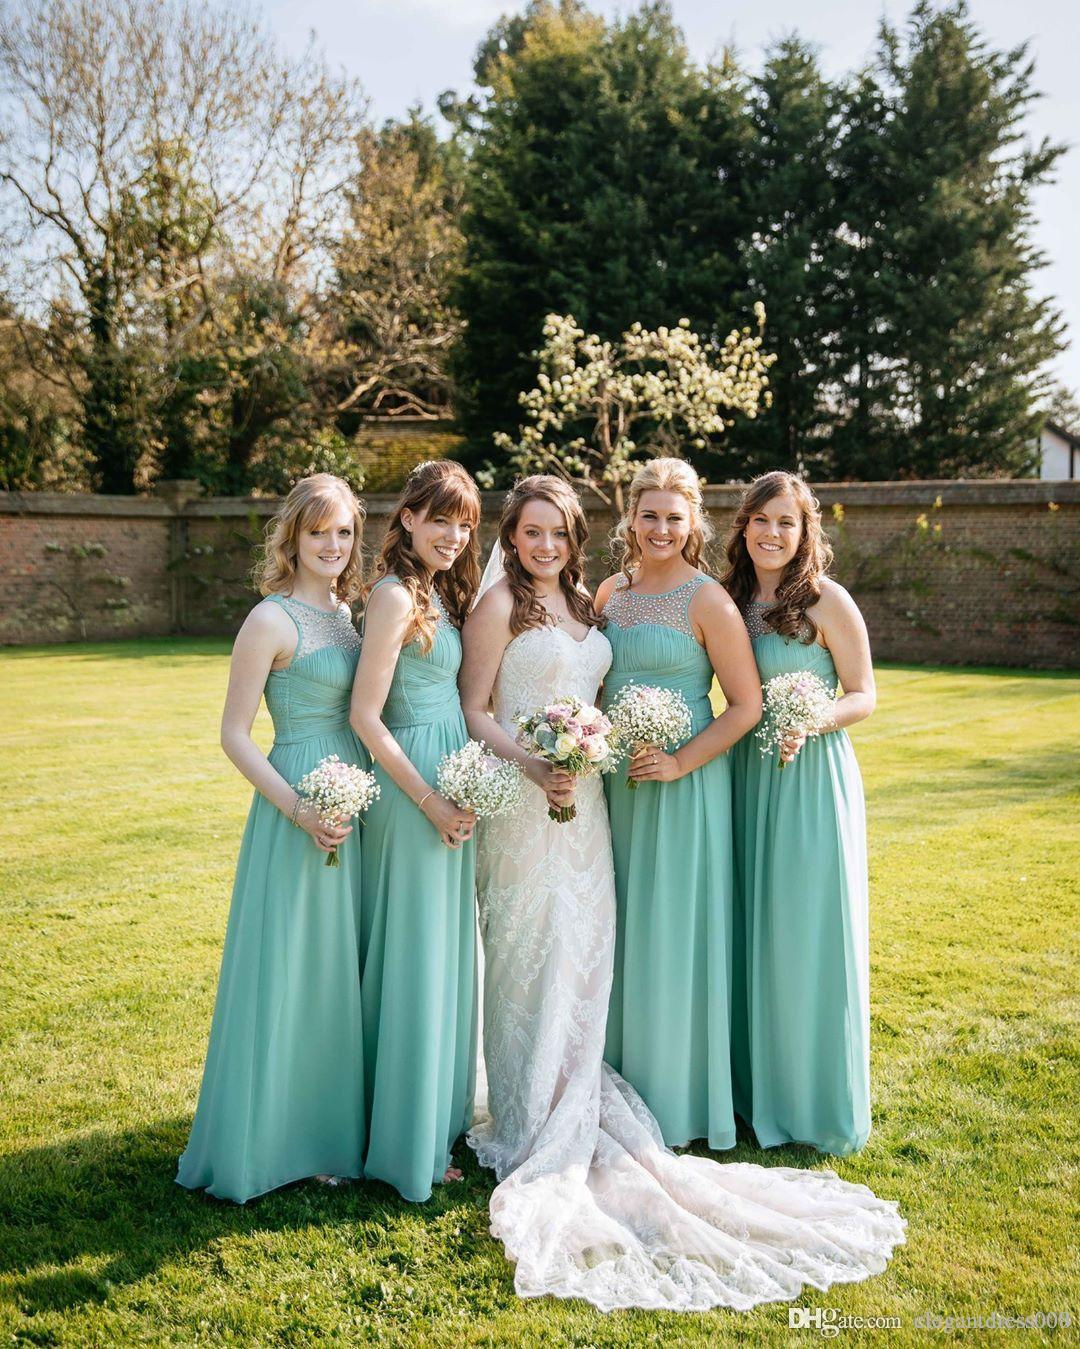 Nuevos pliegues de gasa Más el tamaño Vestidos de dama Joyas Perlas baratas Sin respaldo Vestido de dama de honor Brautjungfer Kleider Vestidos de boda